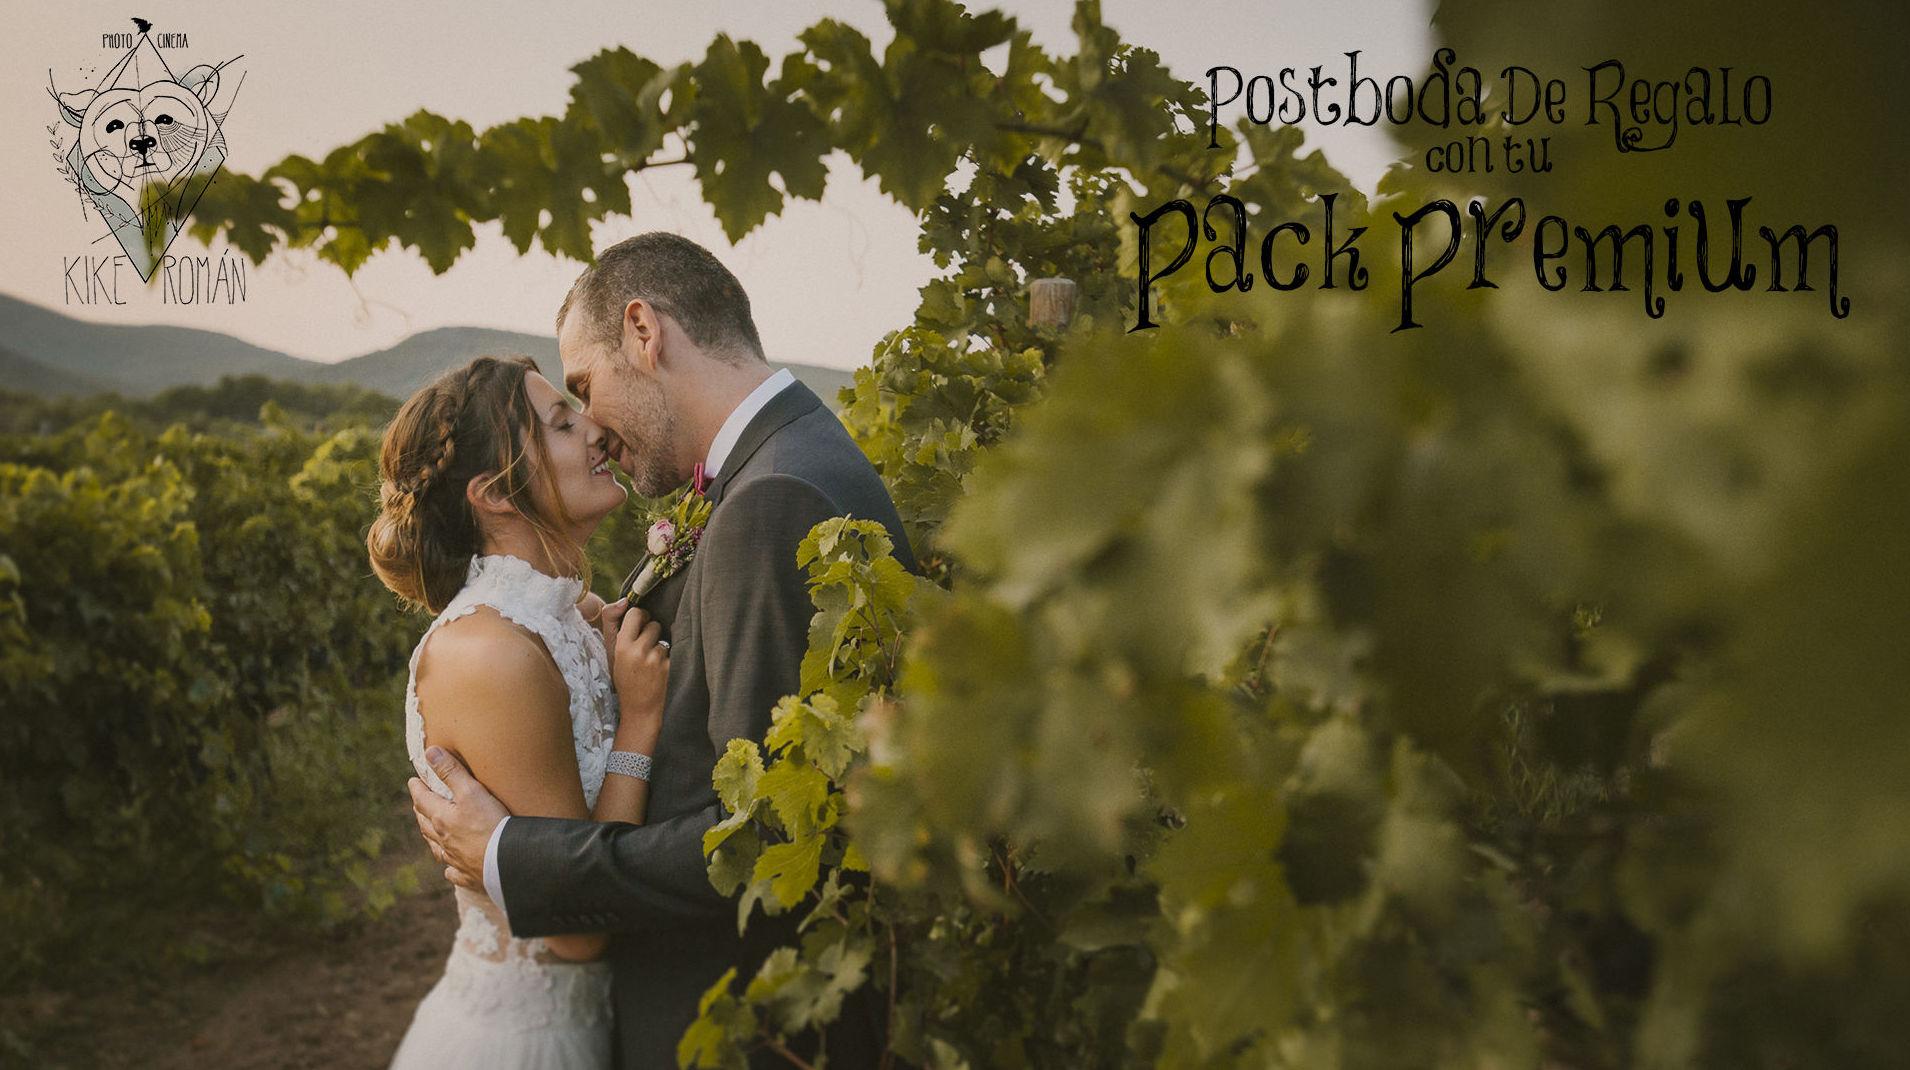 ¡Post boda de regalo con tu pack premium!